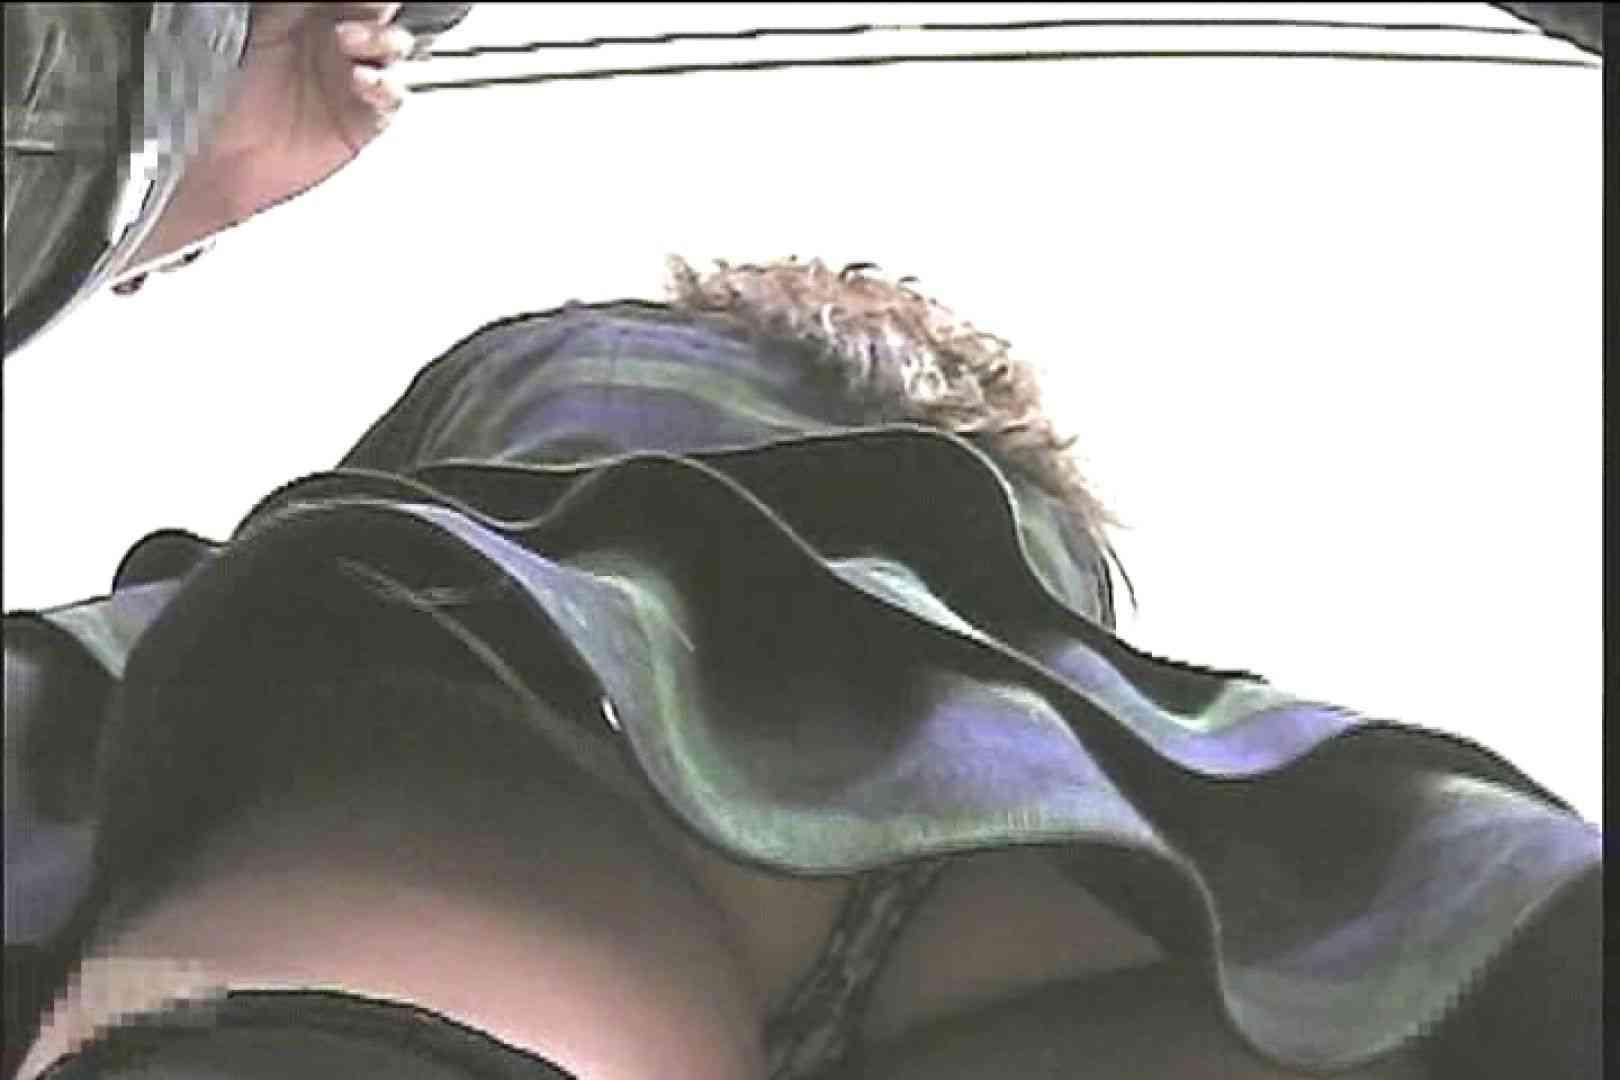 ショップギャルパンチラ!ただ今接客中!!Vol.29 独身エッチOL   パンチラハメ撮り  106pic 34